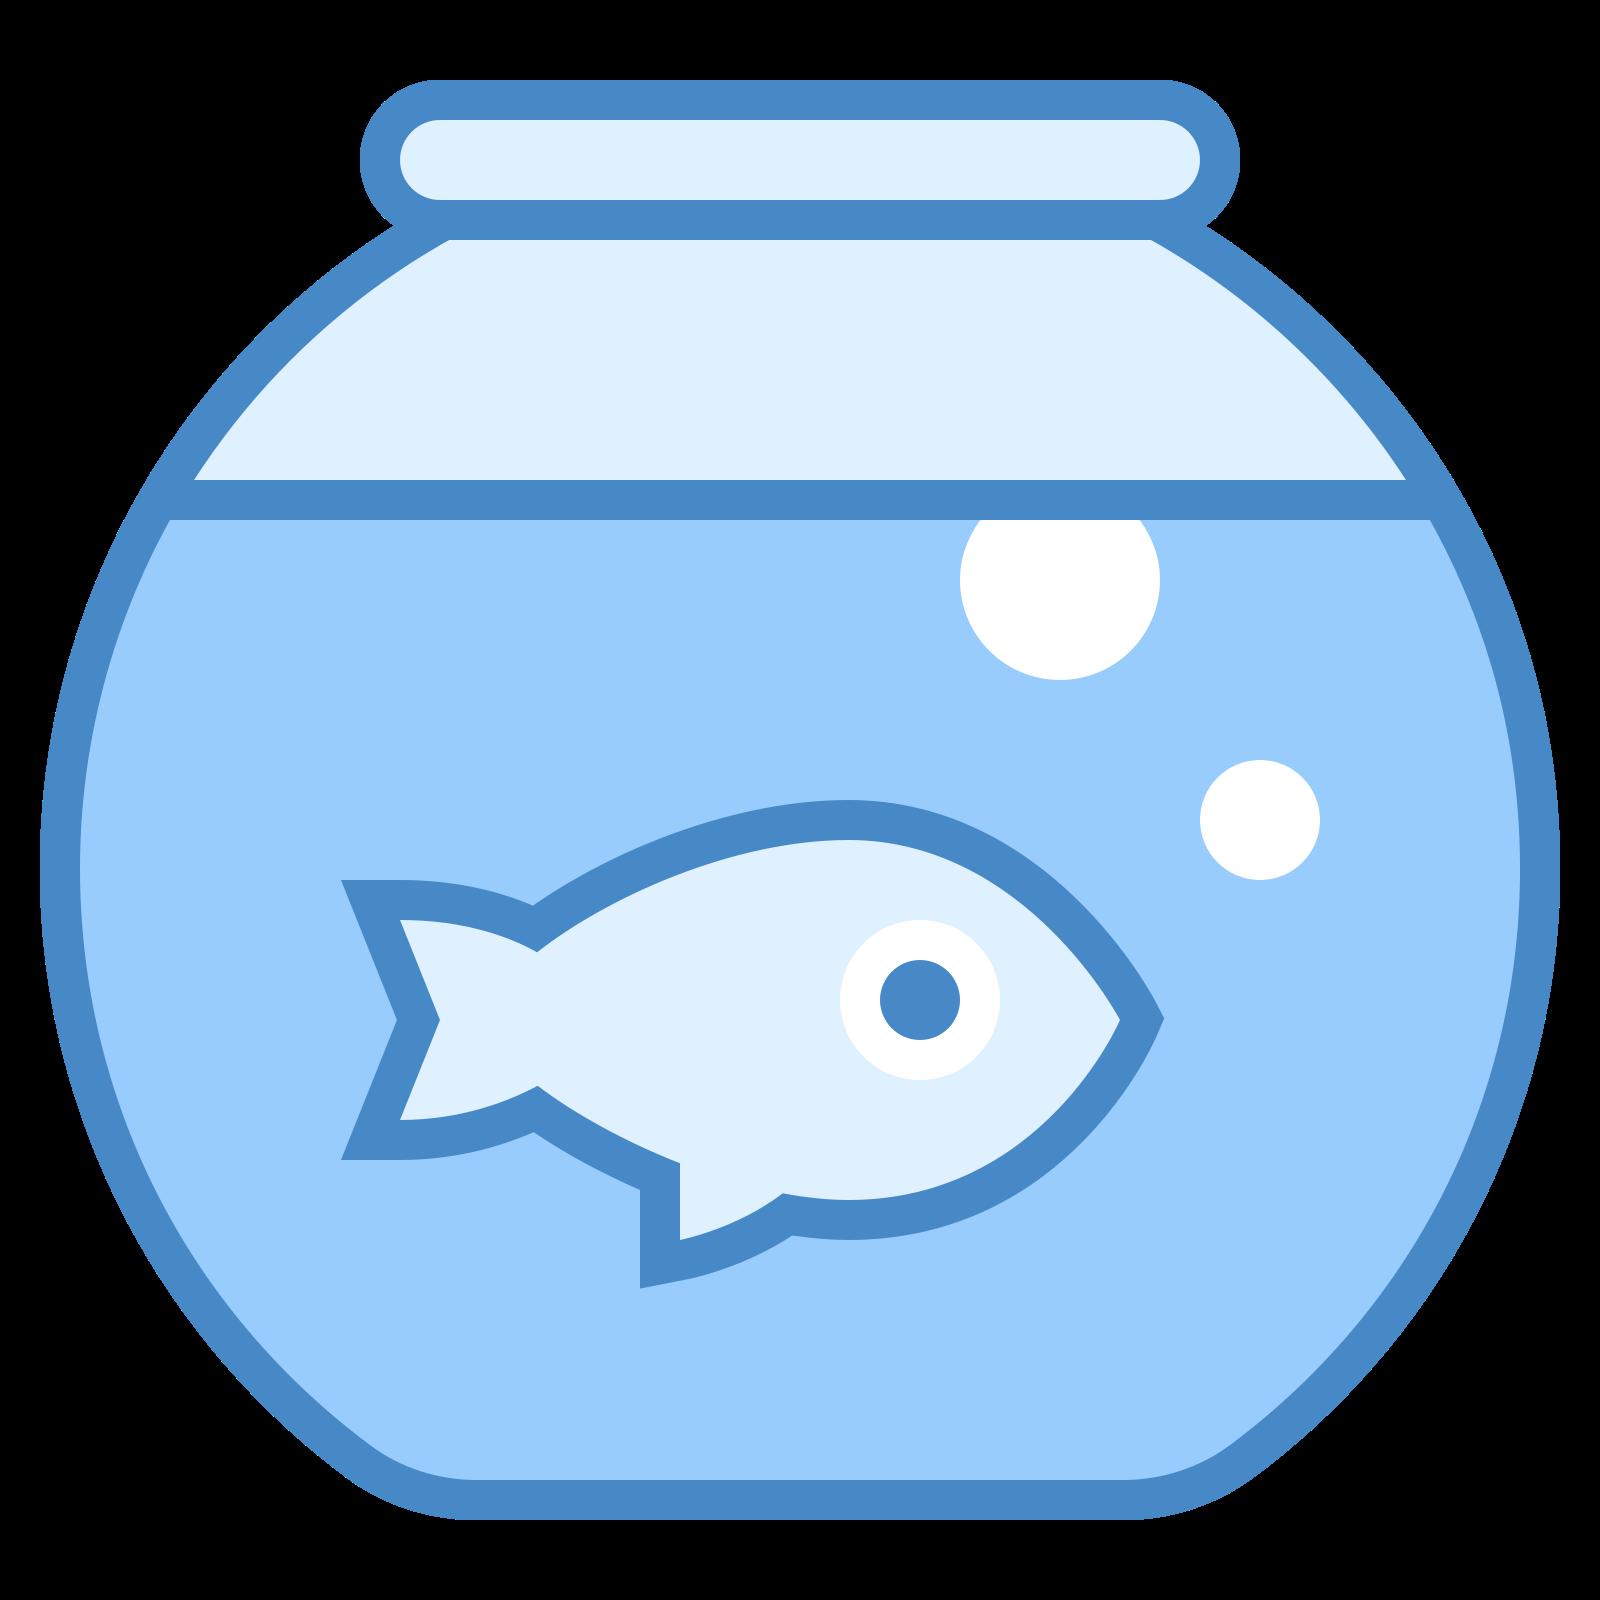 Akwarium icon